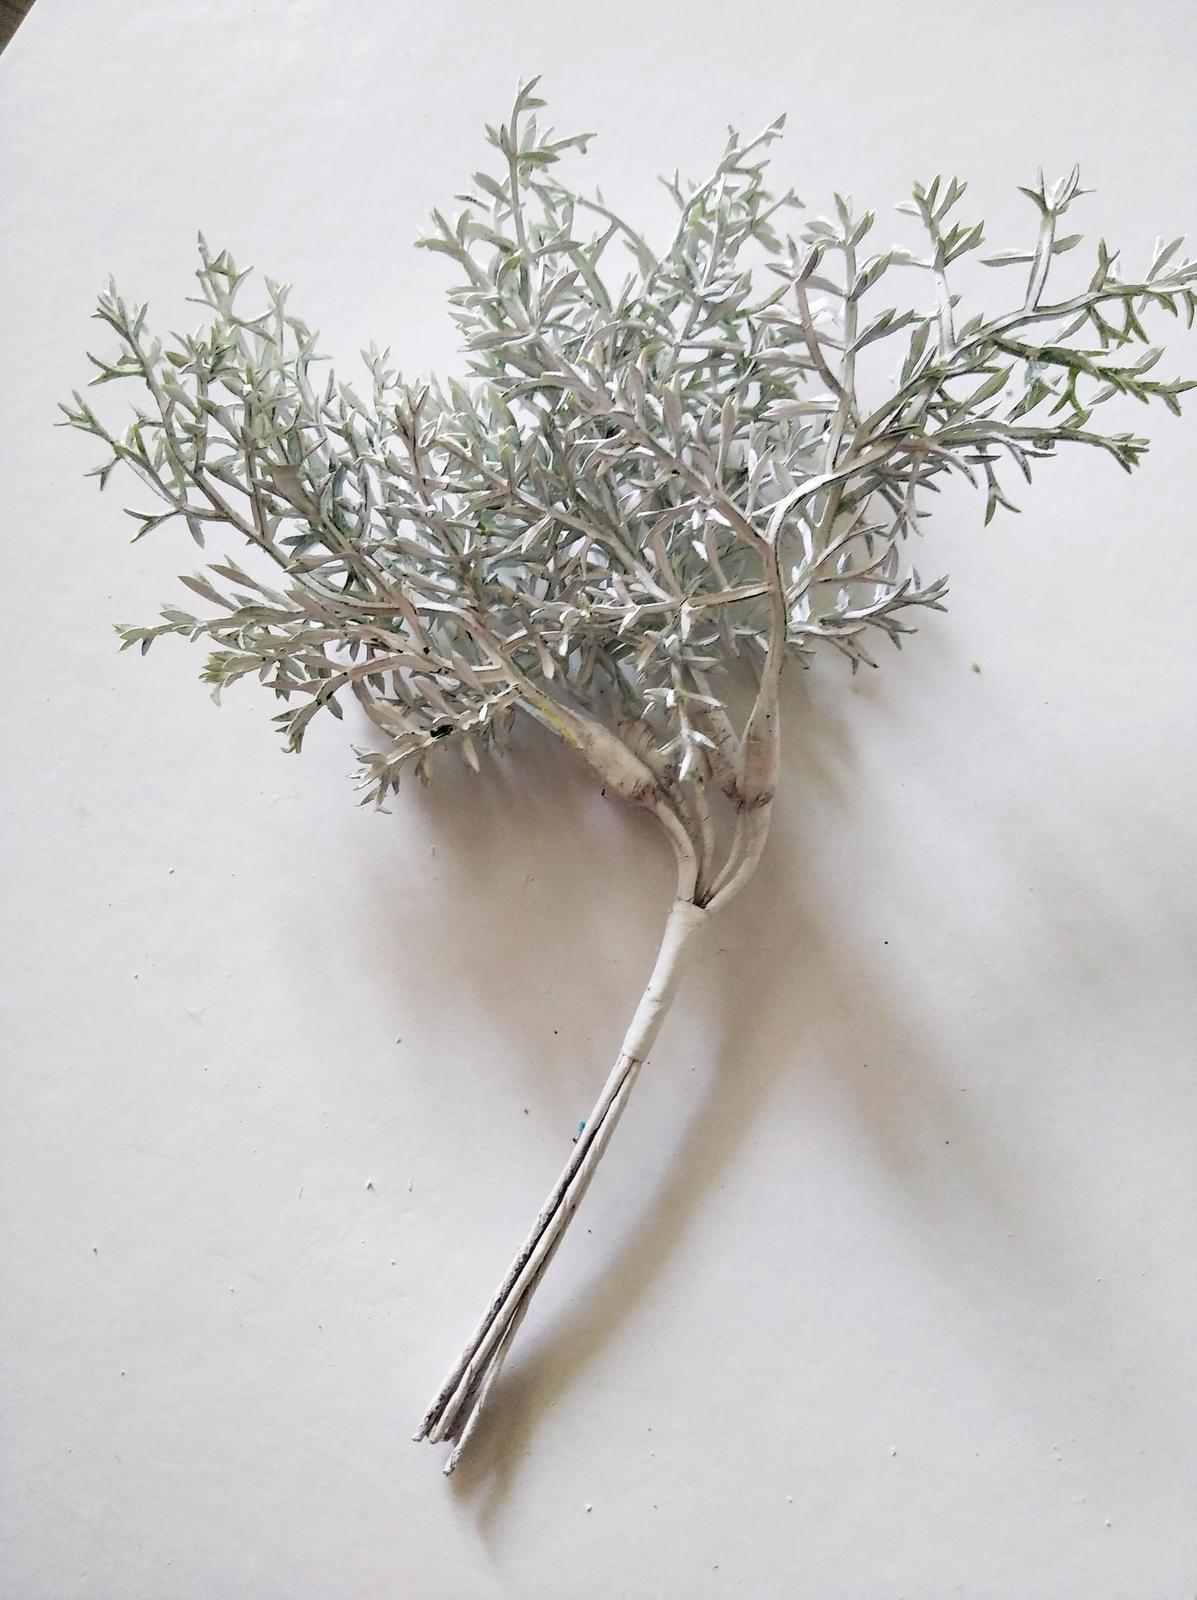 svatební dkorace - umělé květiny - Obrázek č. 2